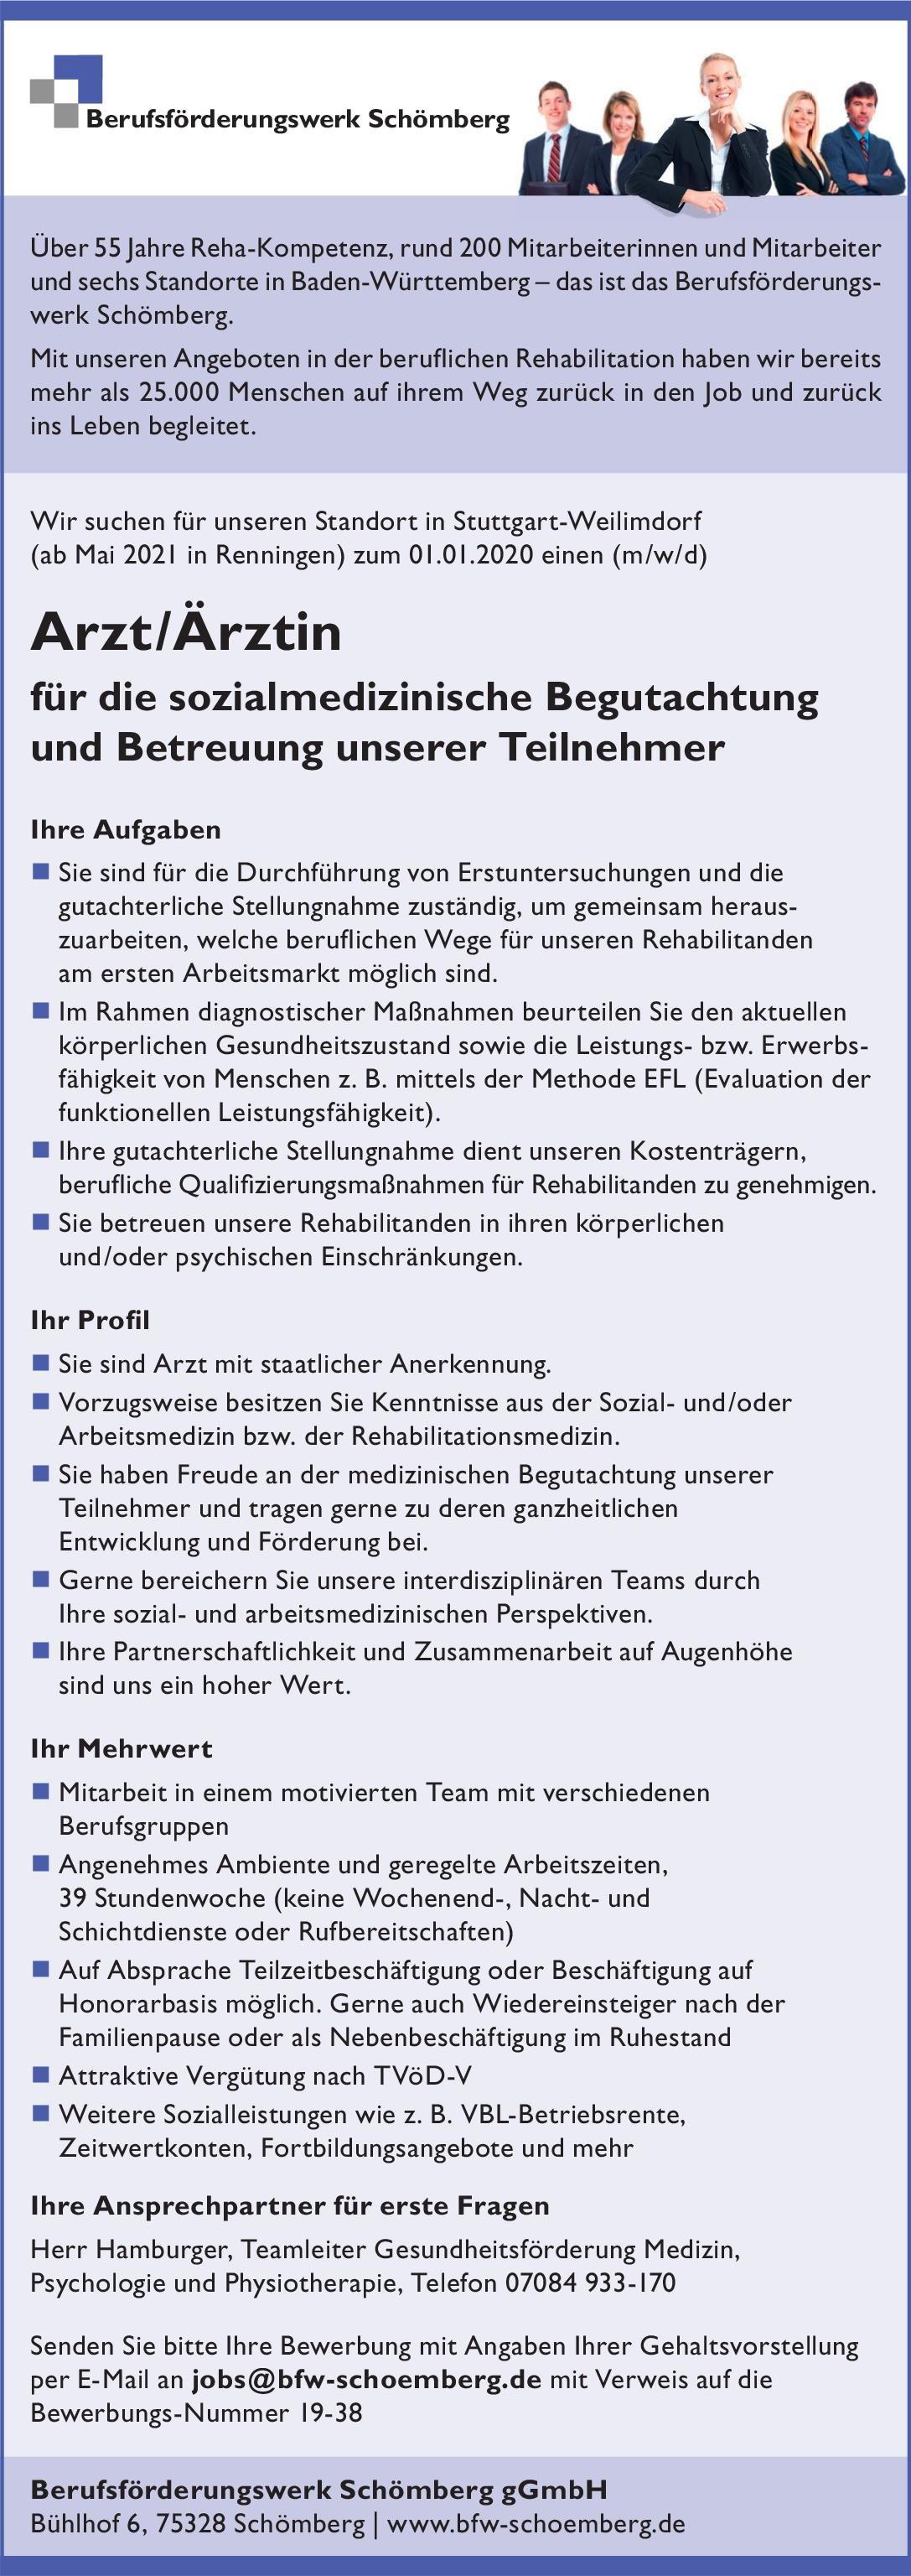 Berufsförderungswerk Schömberg gGmbH Arzt/Ärztin für die sozialmedizinische Begutachtung und Betreuung unserer Teilnehmer * andere Gebiete, Arbeitsmedizin, Physikalische- und Rehabilitative Medizin Arzt / Facharzt